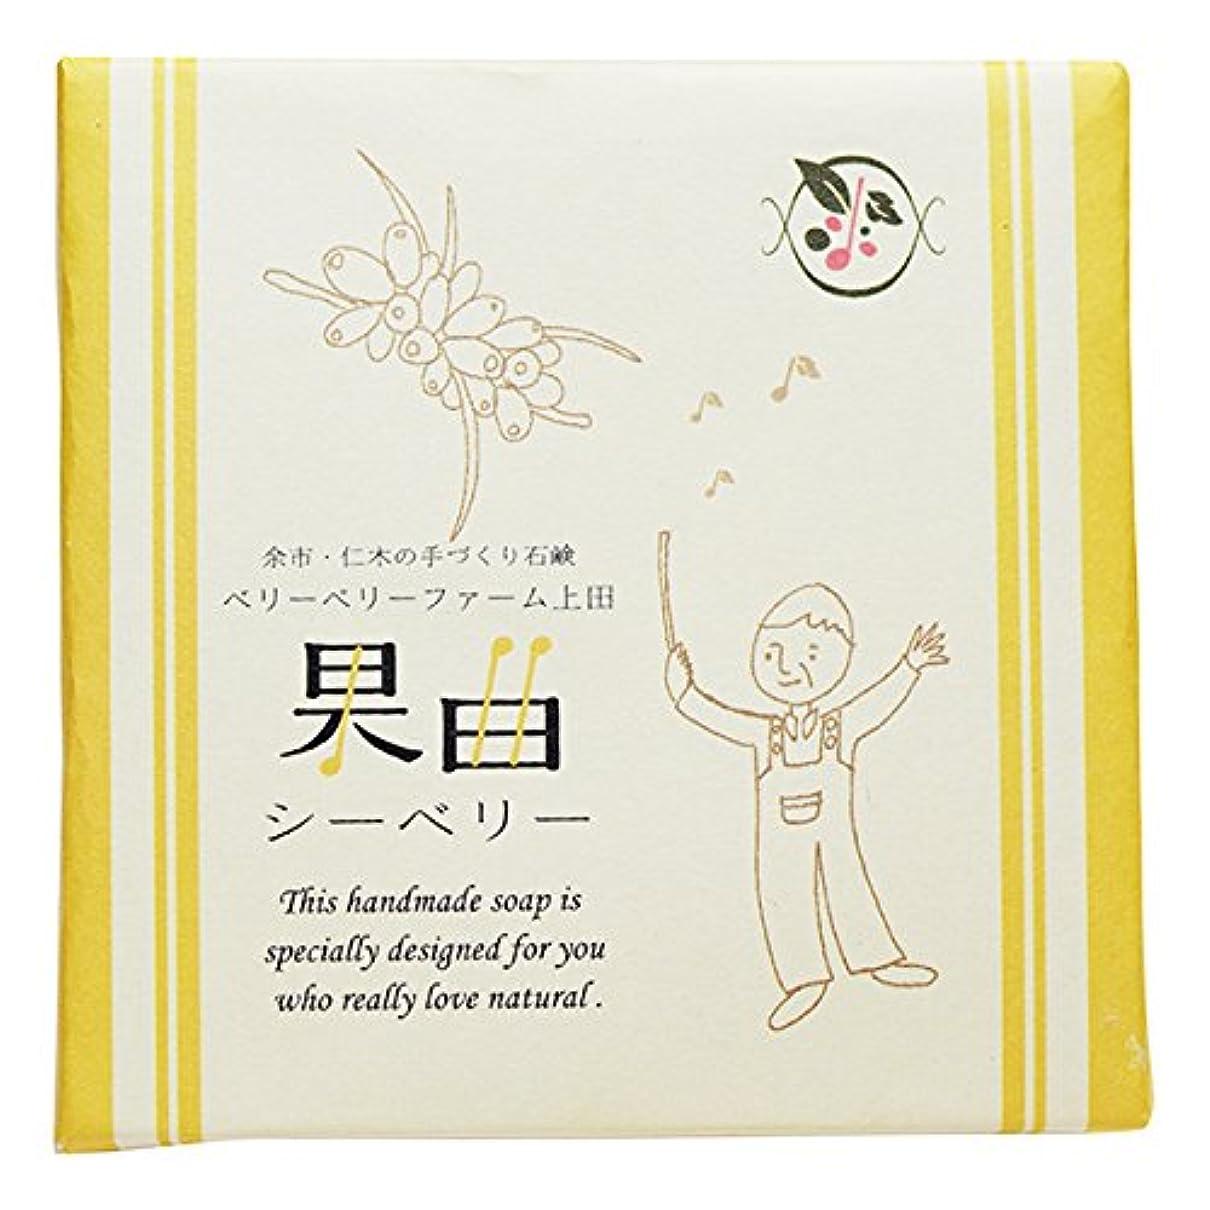 戦争残り物フィットネス余市町仁木のベリーベリーファーム上田との共同開発 果曲(シーベリー)純練り石鹸